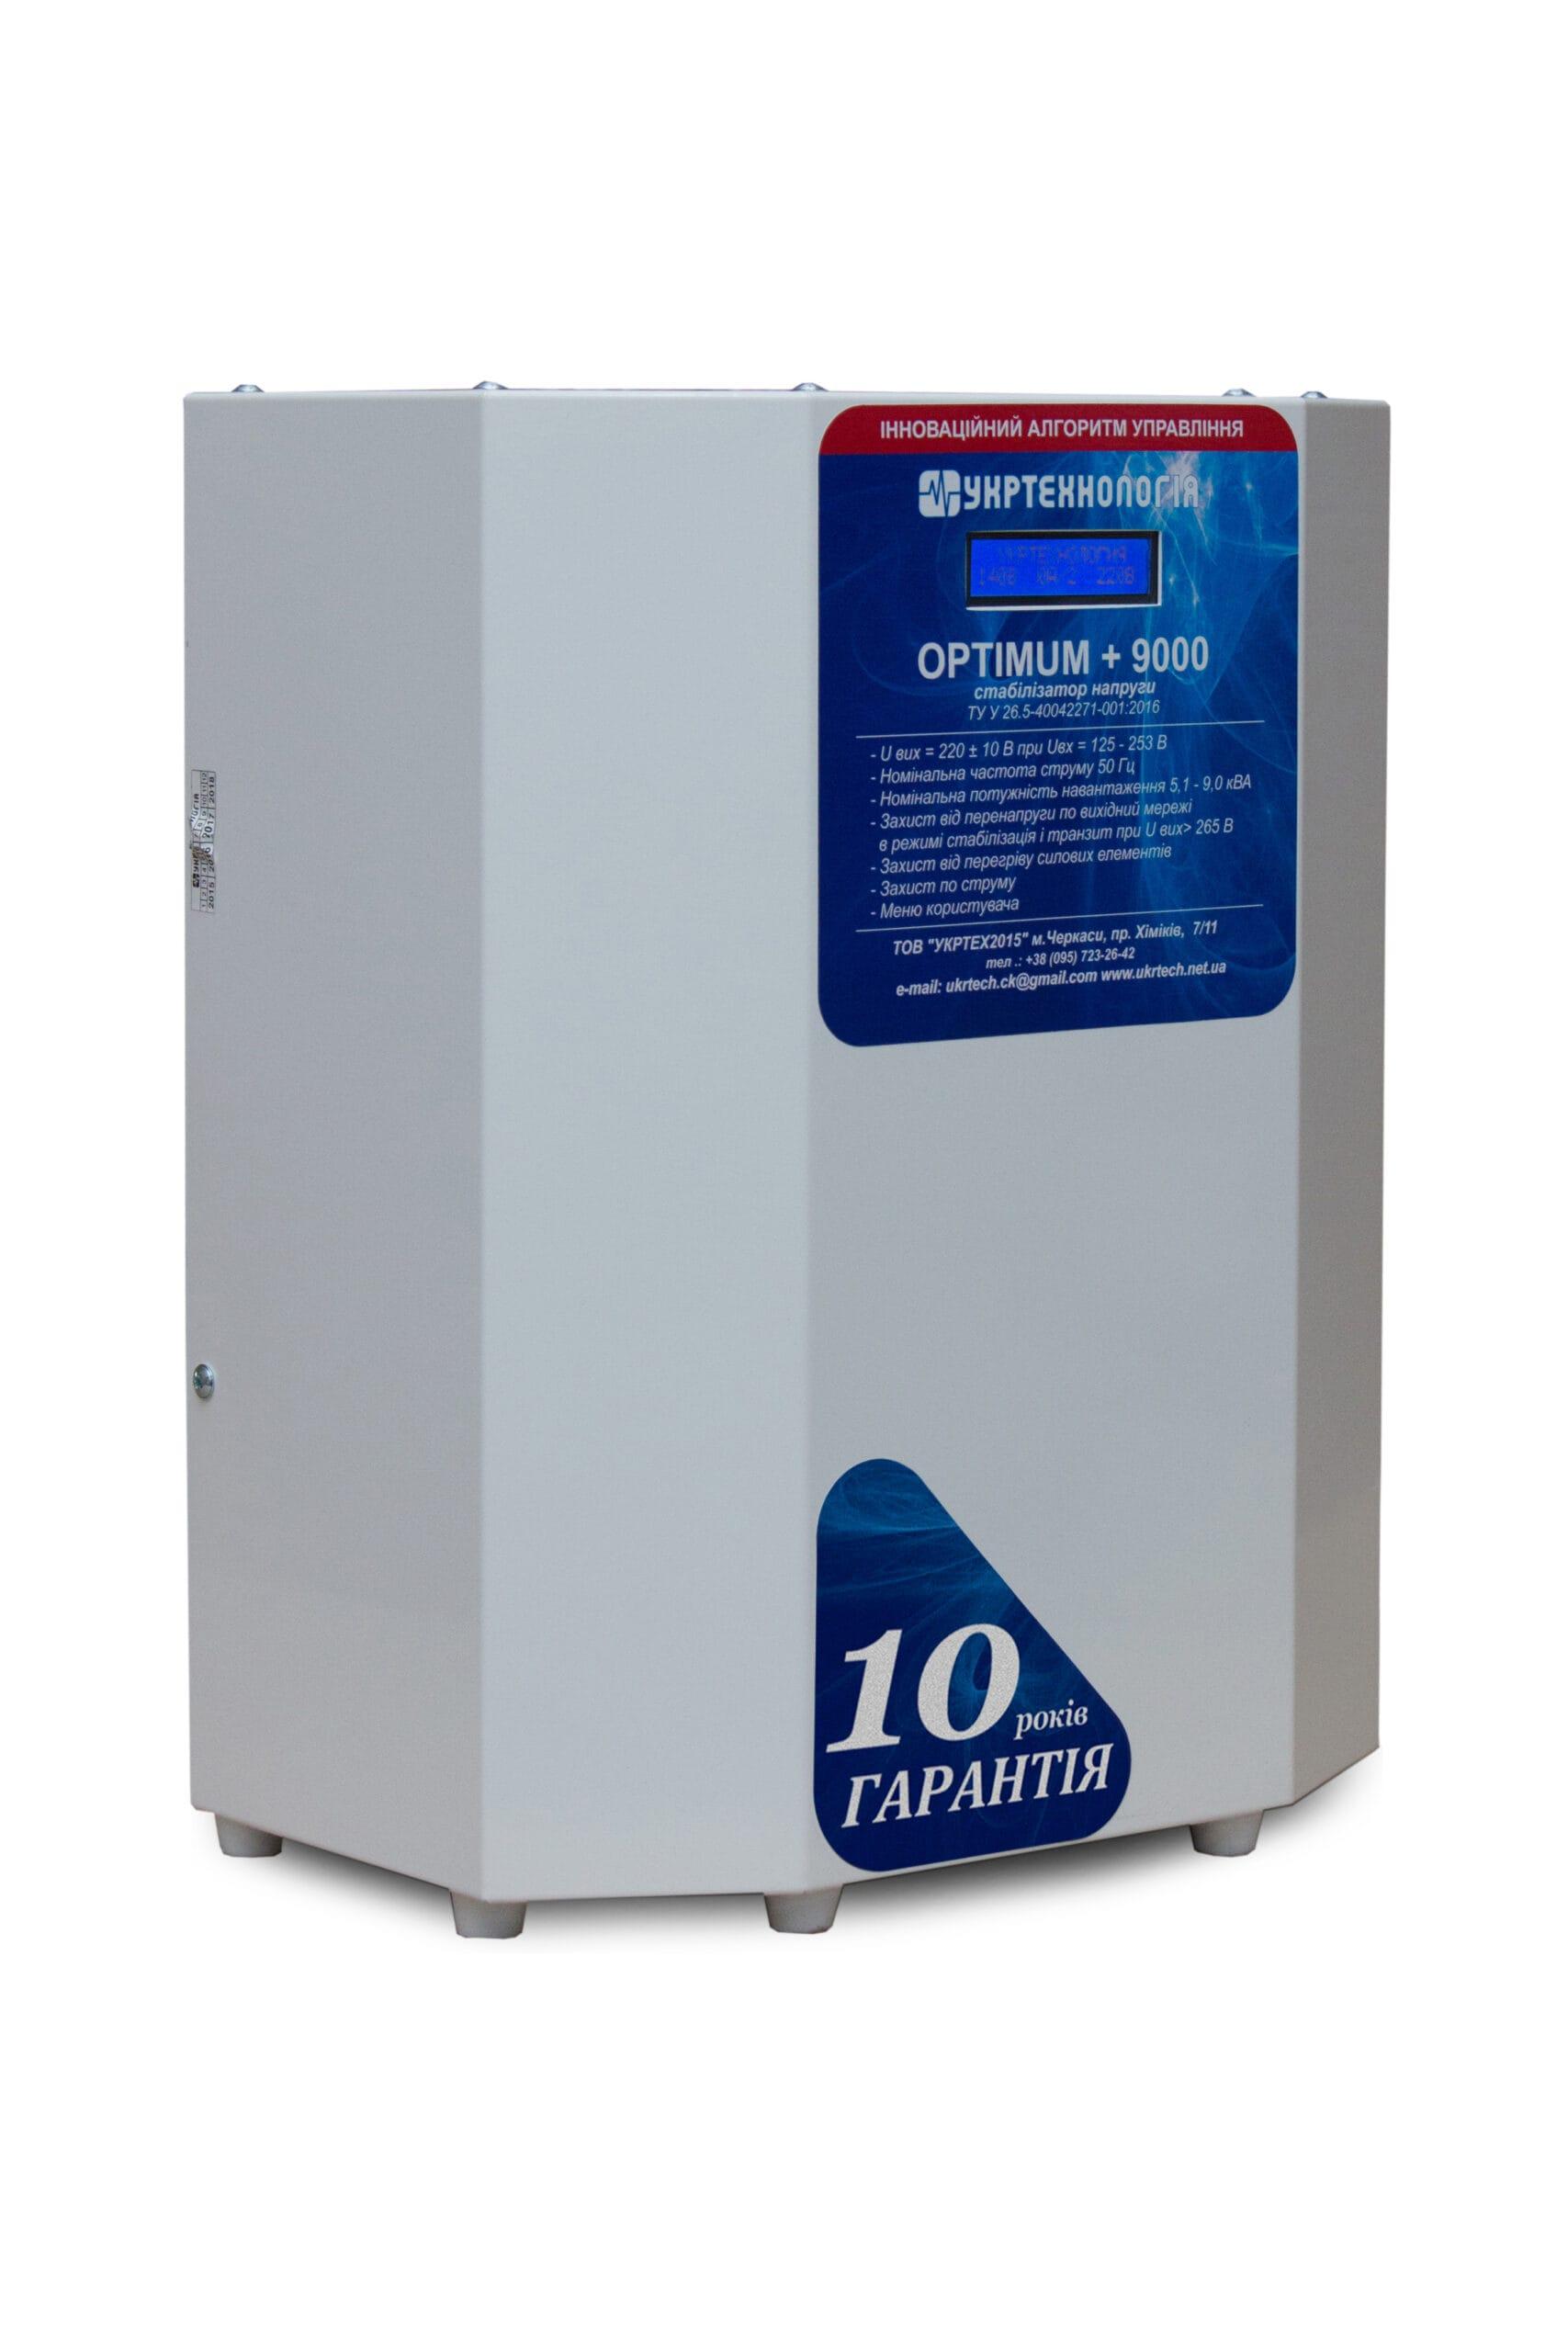 Стабилизаторы напряжения - Стабилизатор напряжения 9 кВт OPTIMUM 000001385 - Фото 2